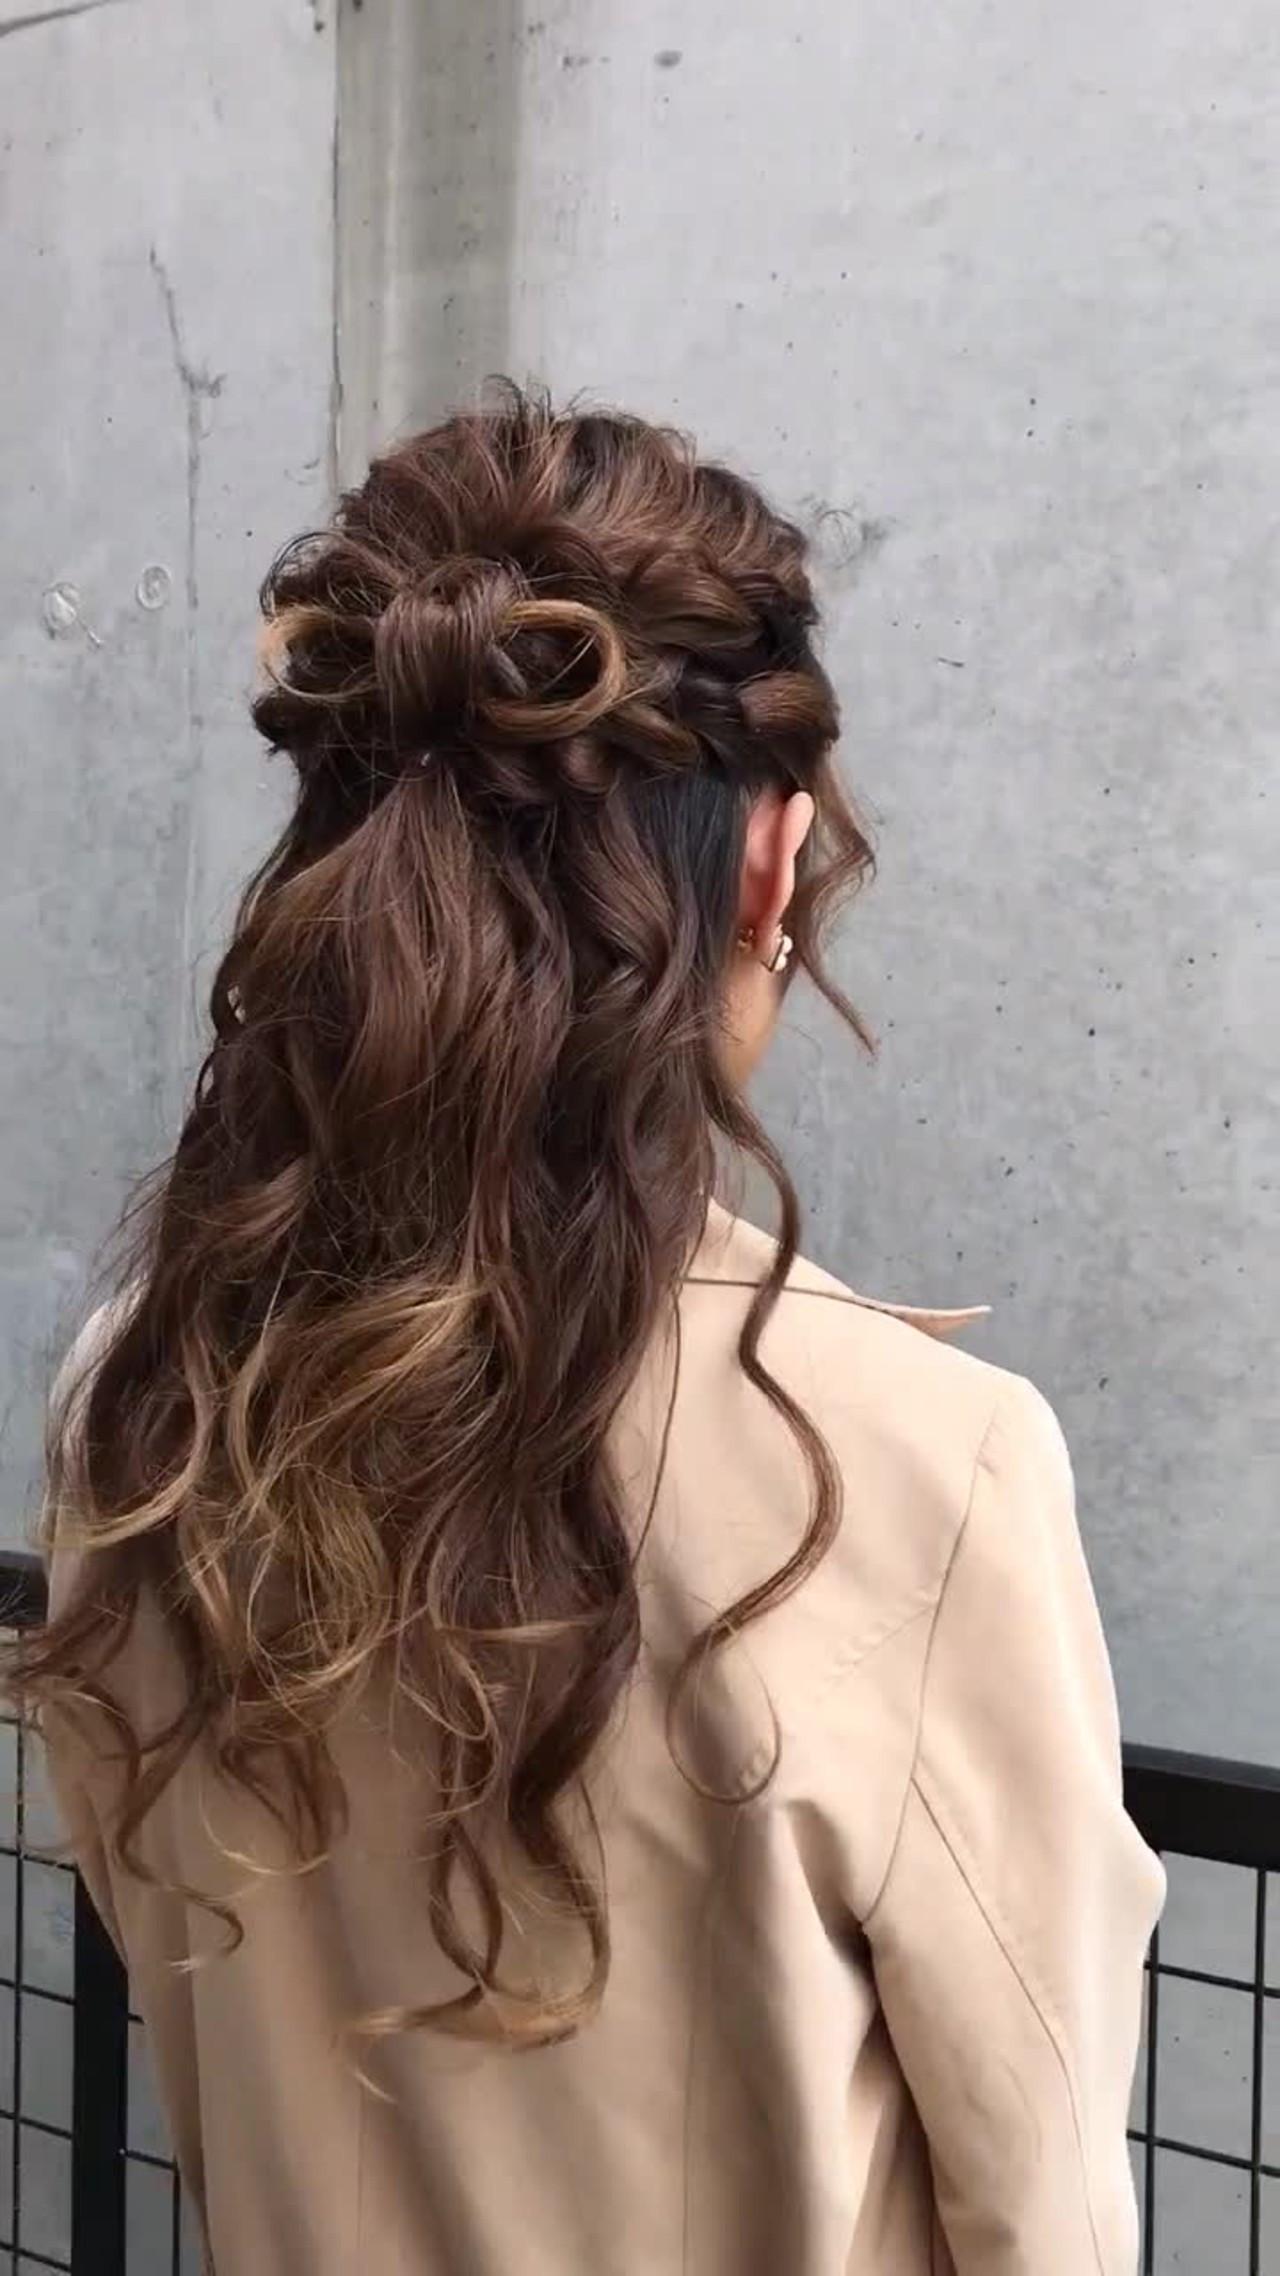 ヘアアレンジ パーティ 結婚式 ロング ヘアスタイルや髪型の写真・画像